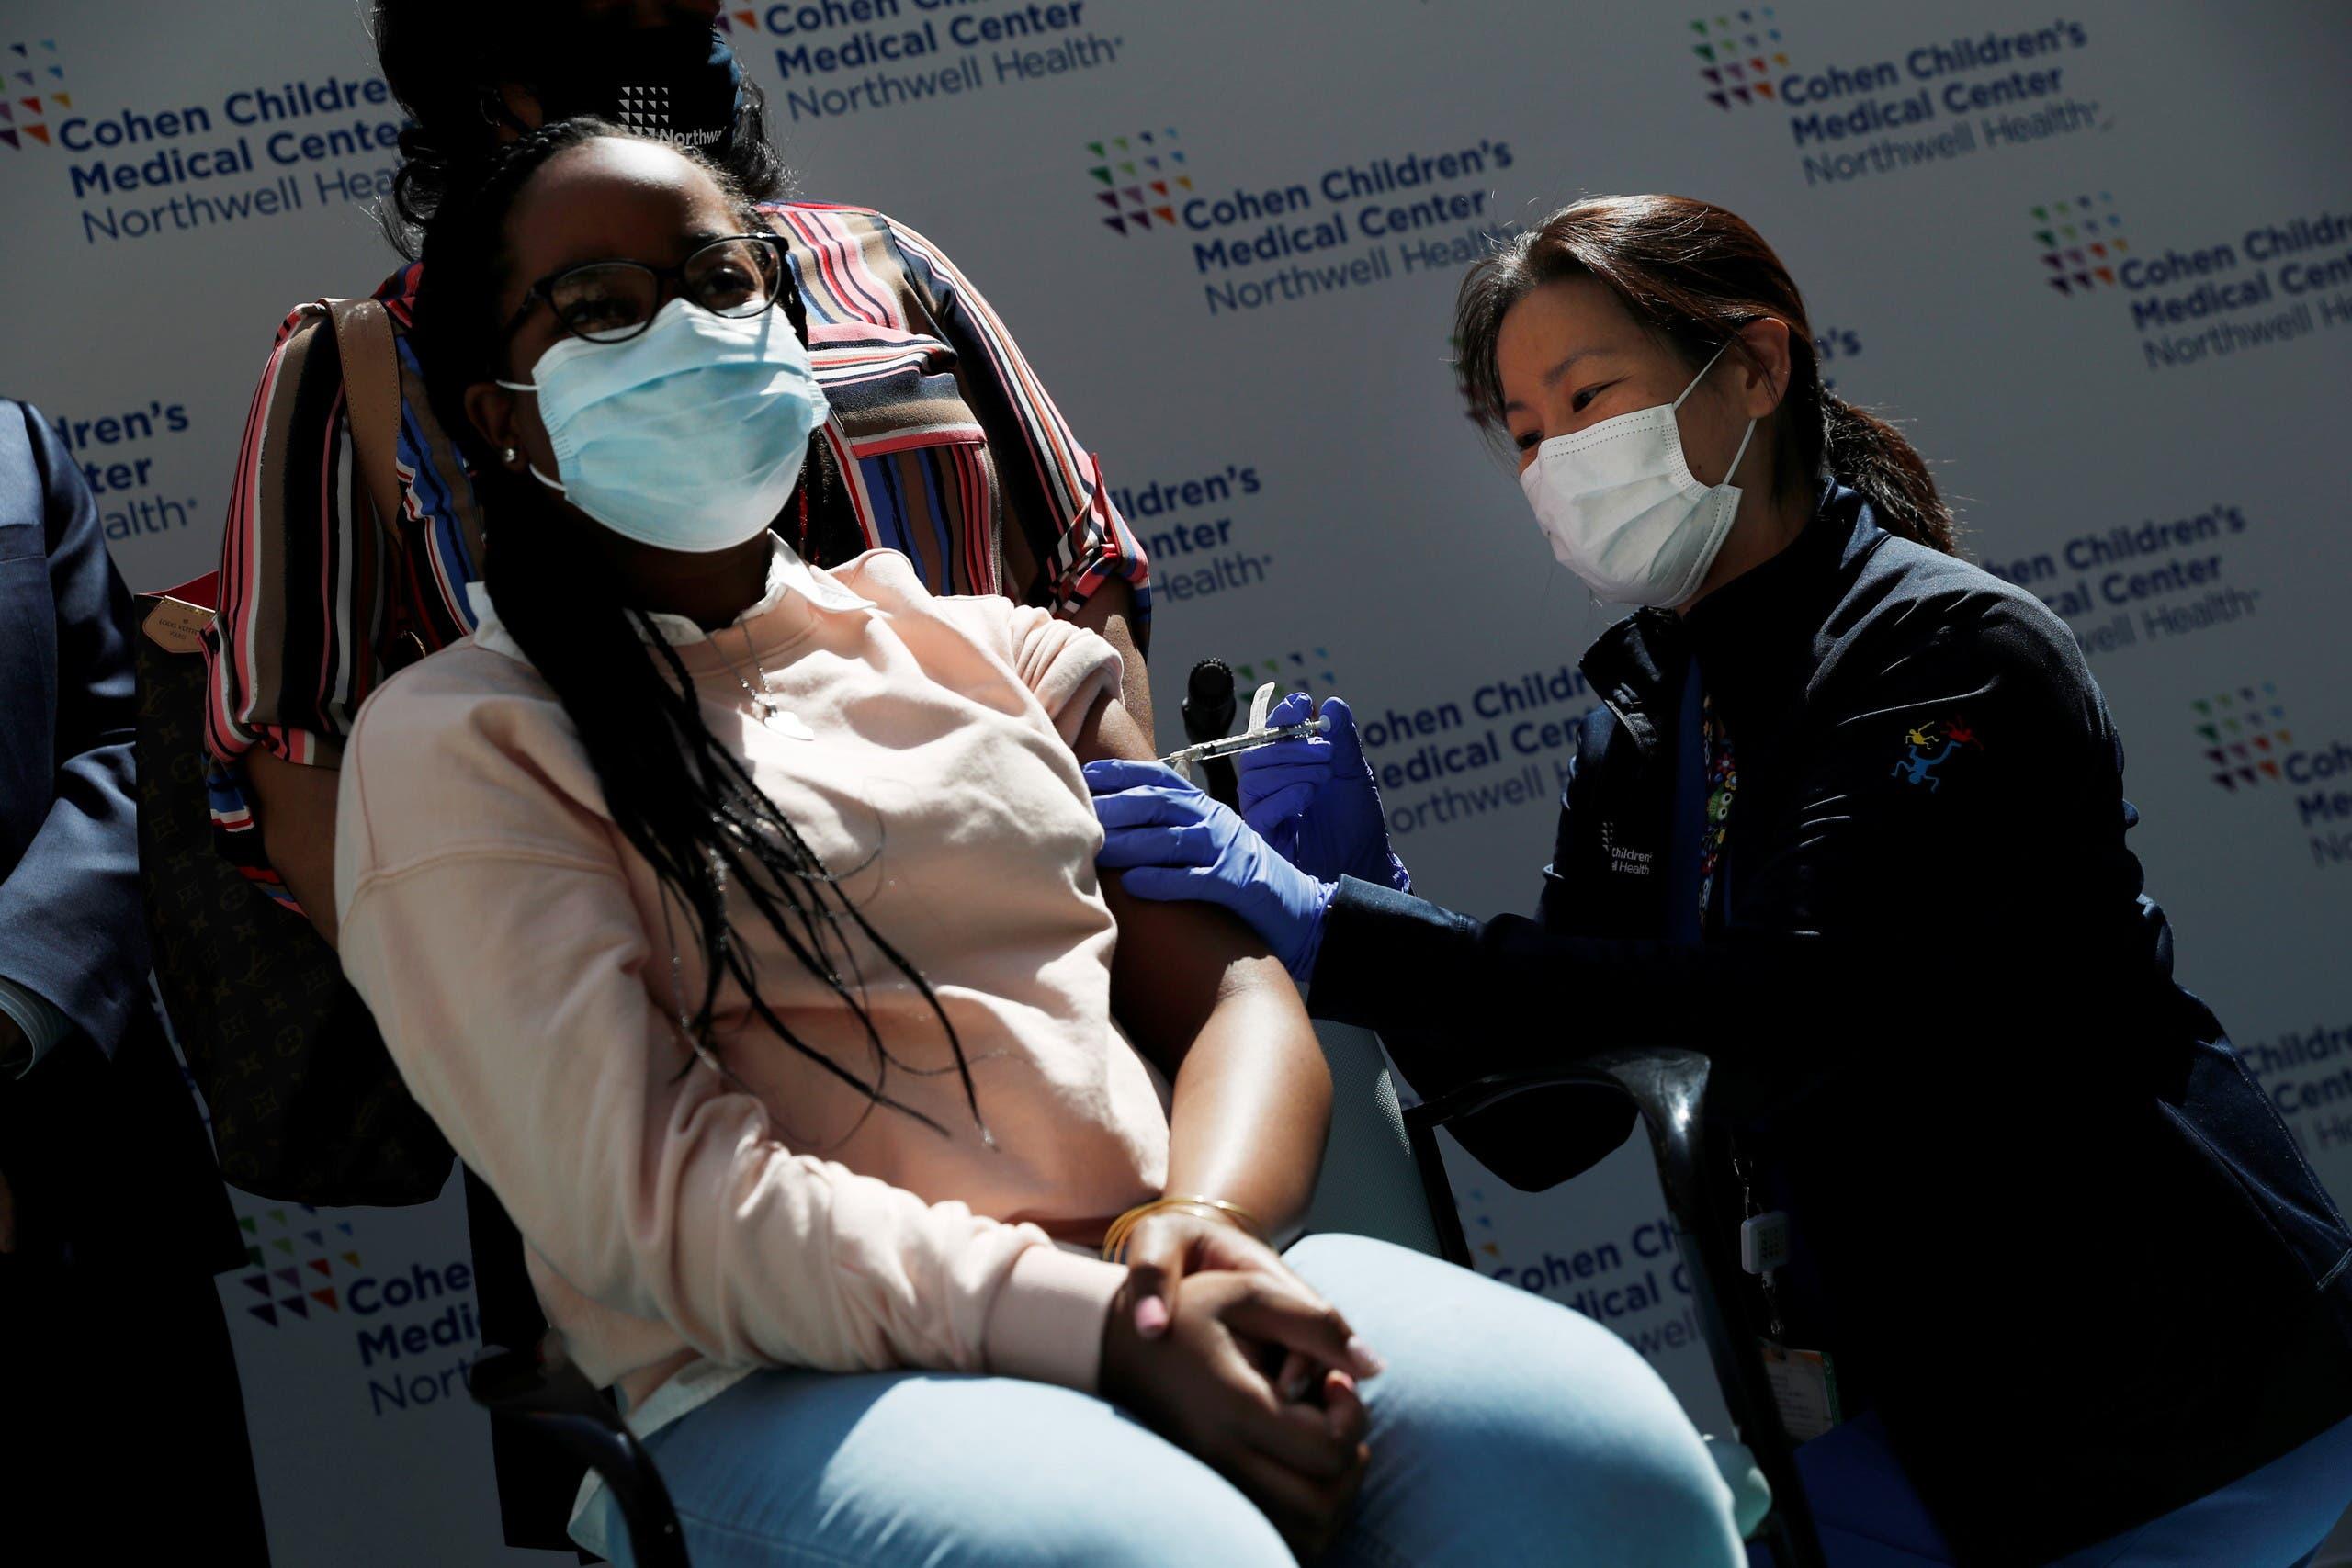 طفلة في الـ13 من العمر تتلقى اللقاح ضد كورونا في نيويورك